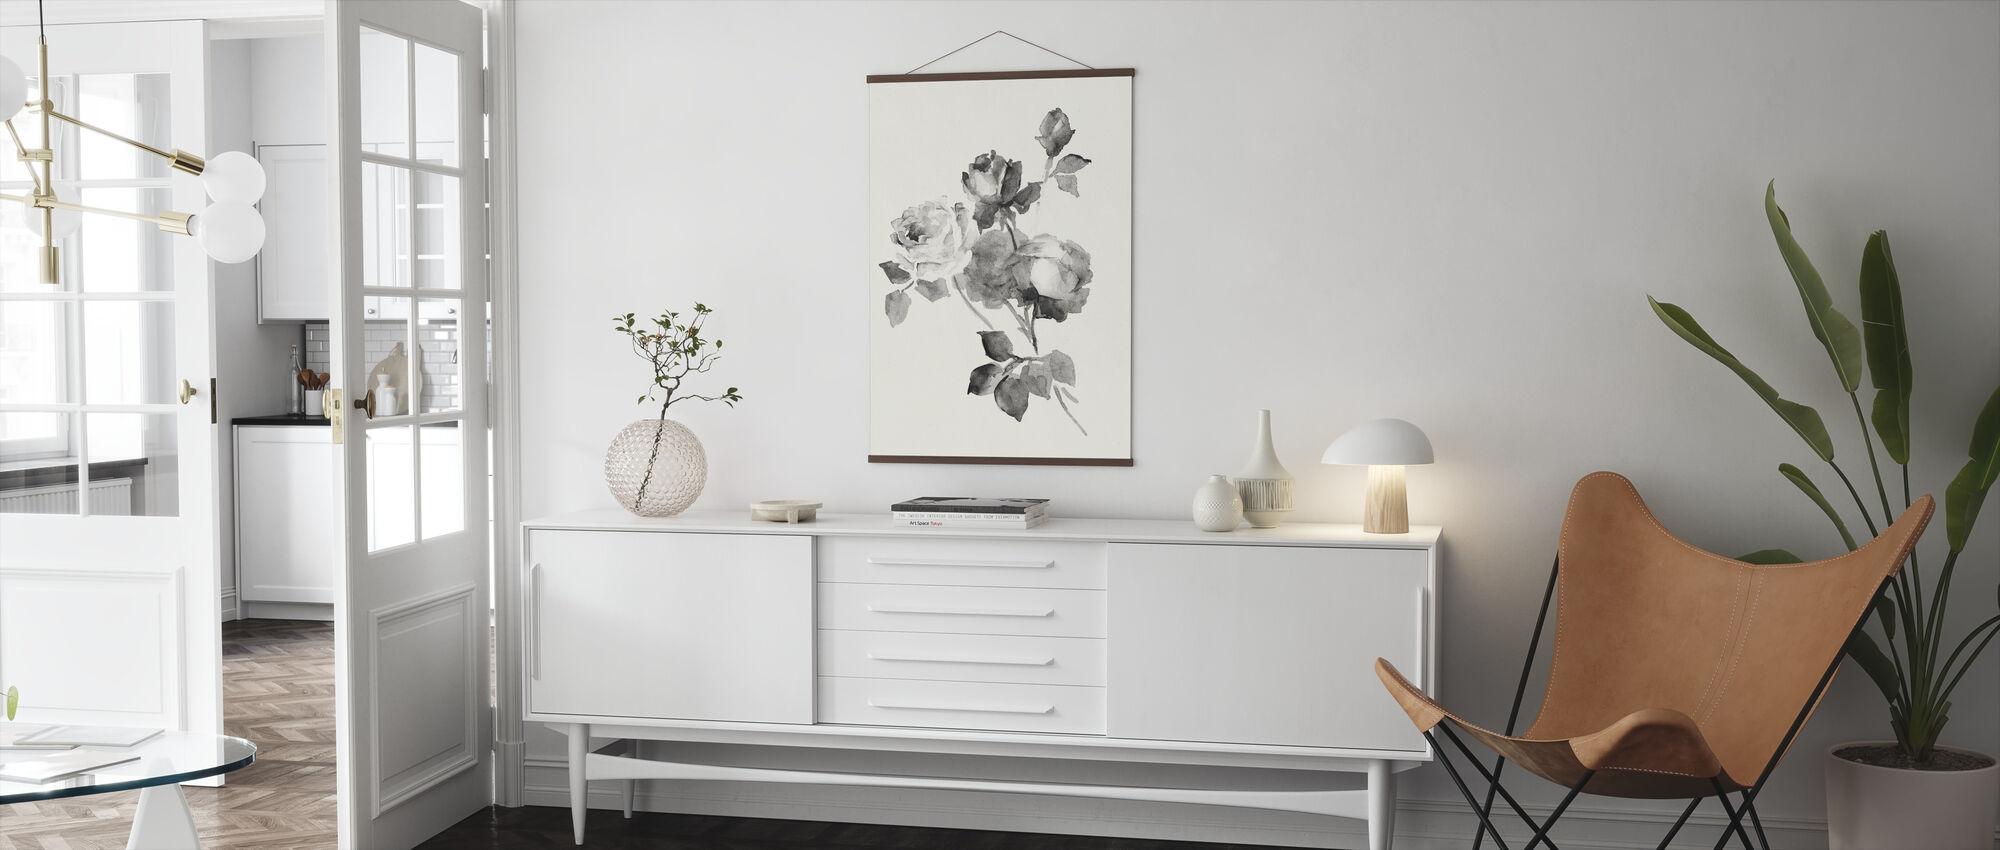 Rosenblüten Grau - Poster - Wohnzimmer